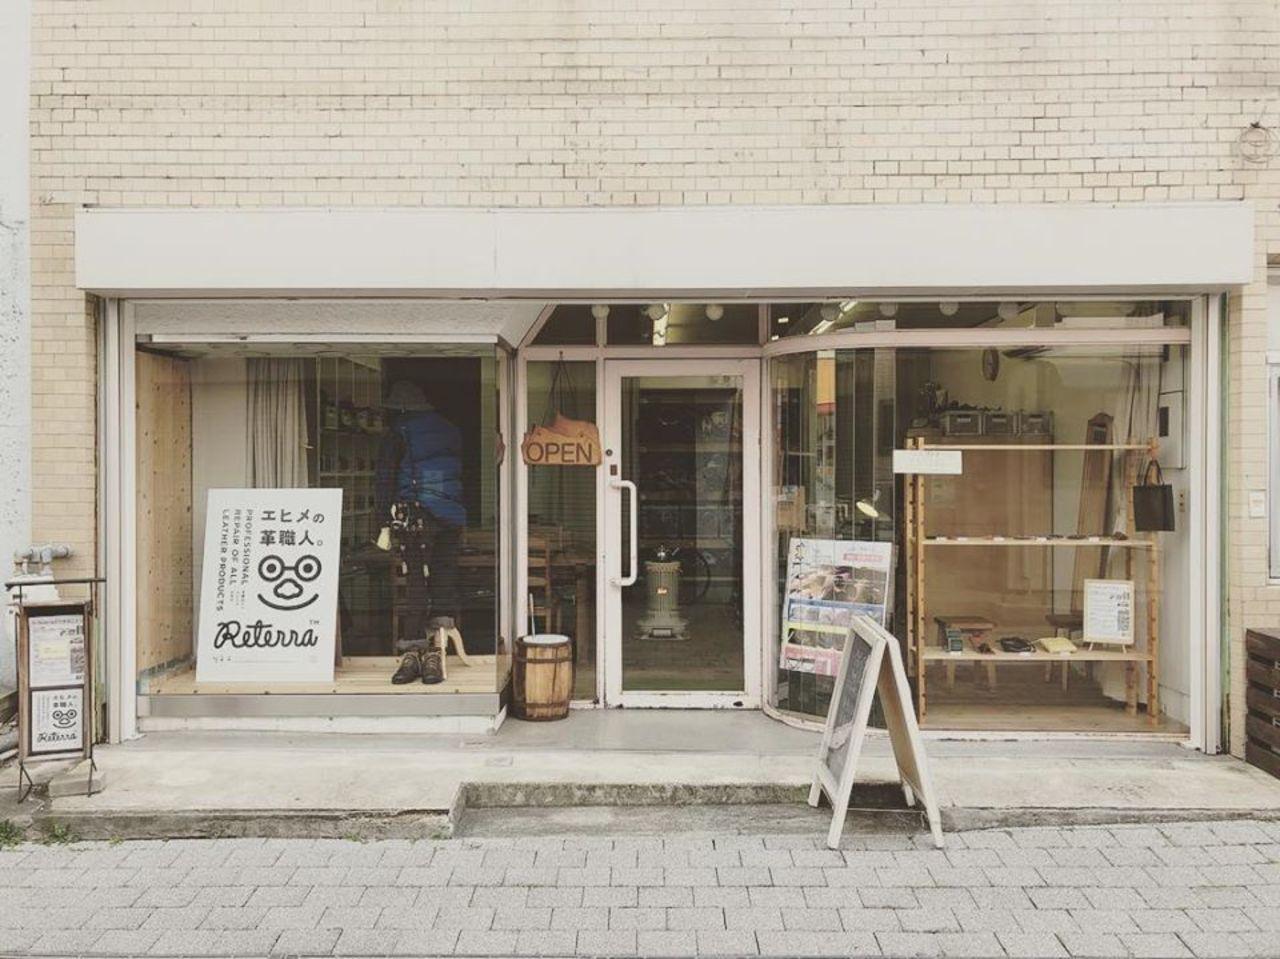 【 リテラ 】バッグ修理店(愛媛県松山市)